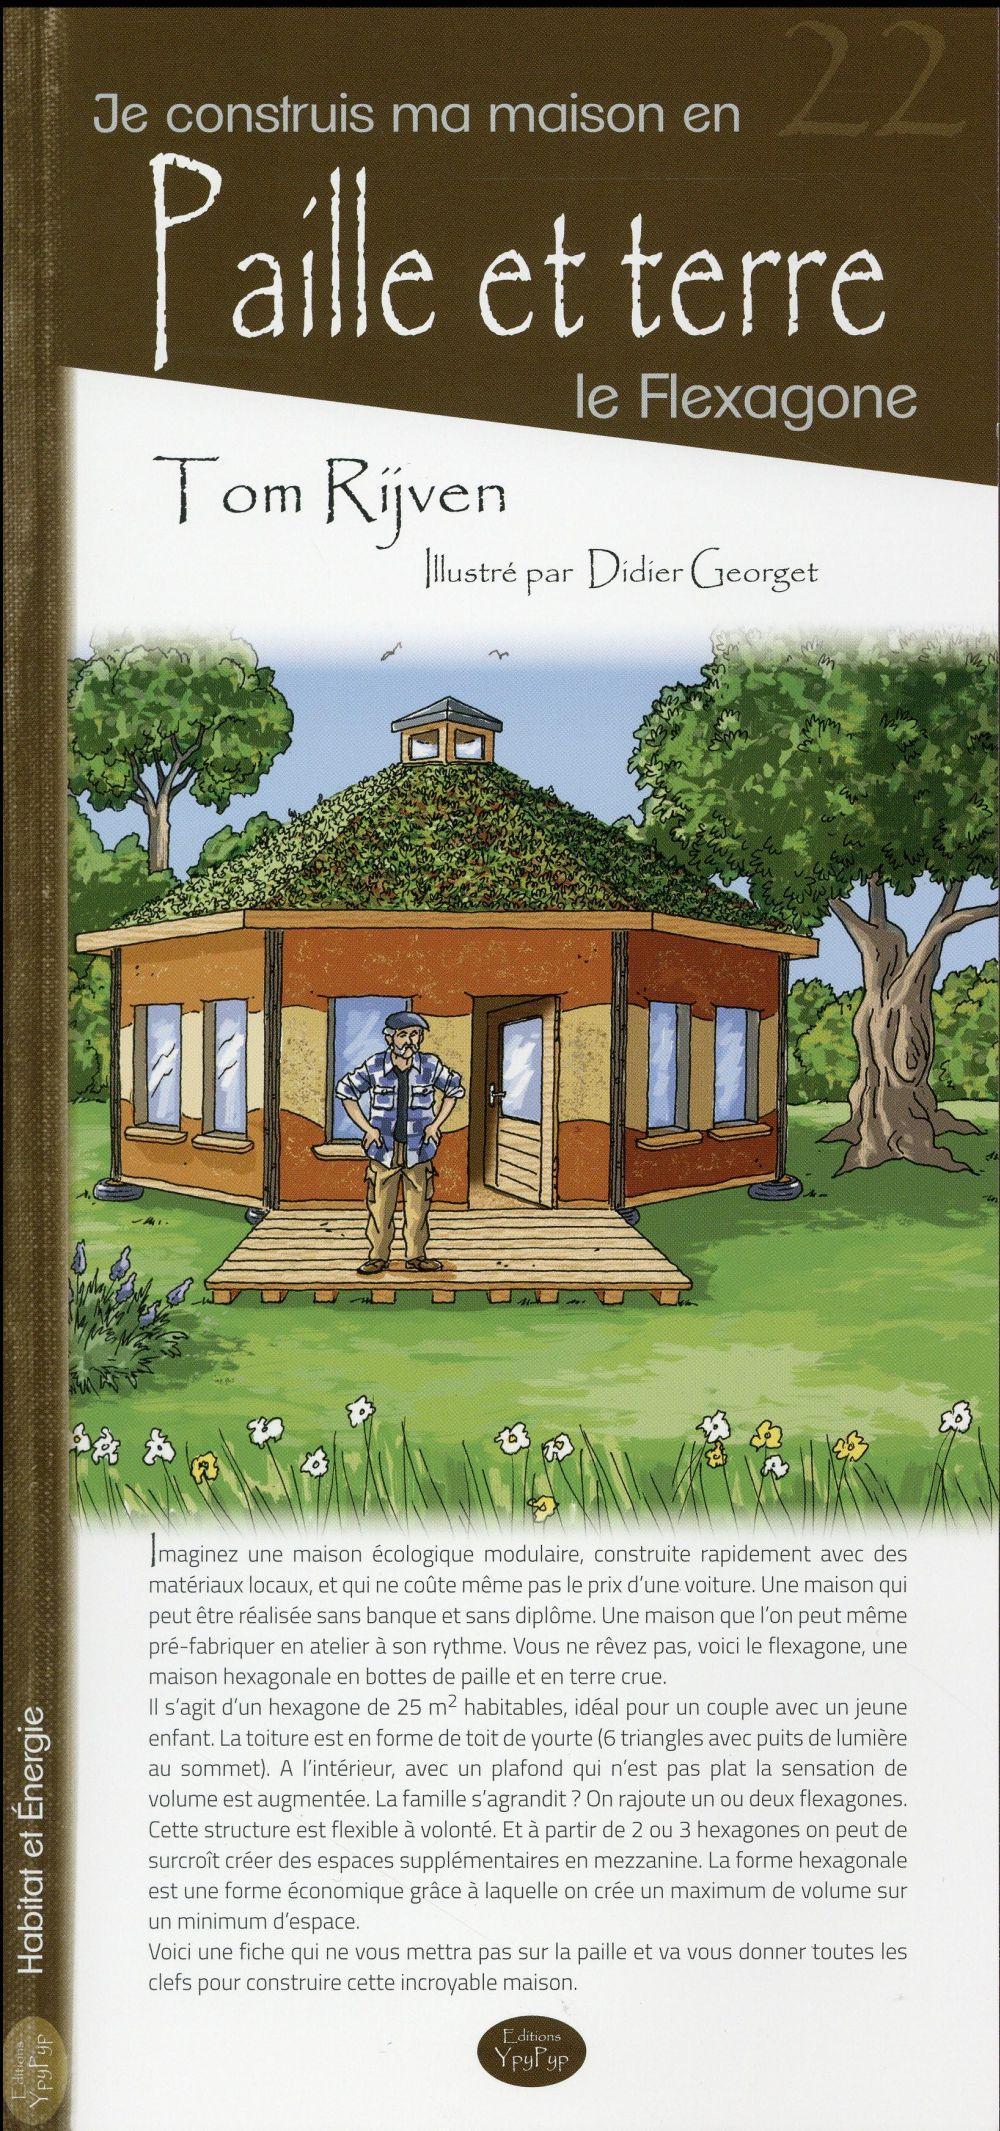 je construis ma maison en paille et terre le flexagone tom rijven yvan jours